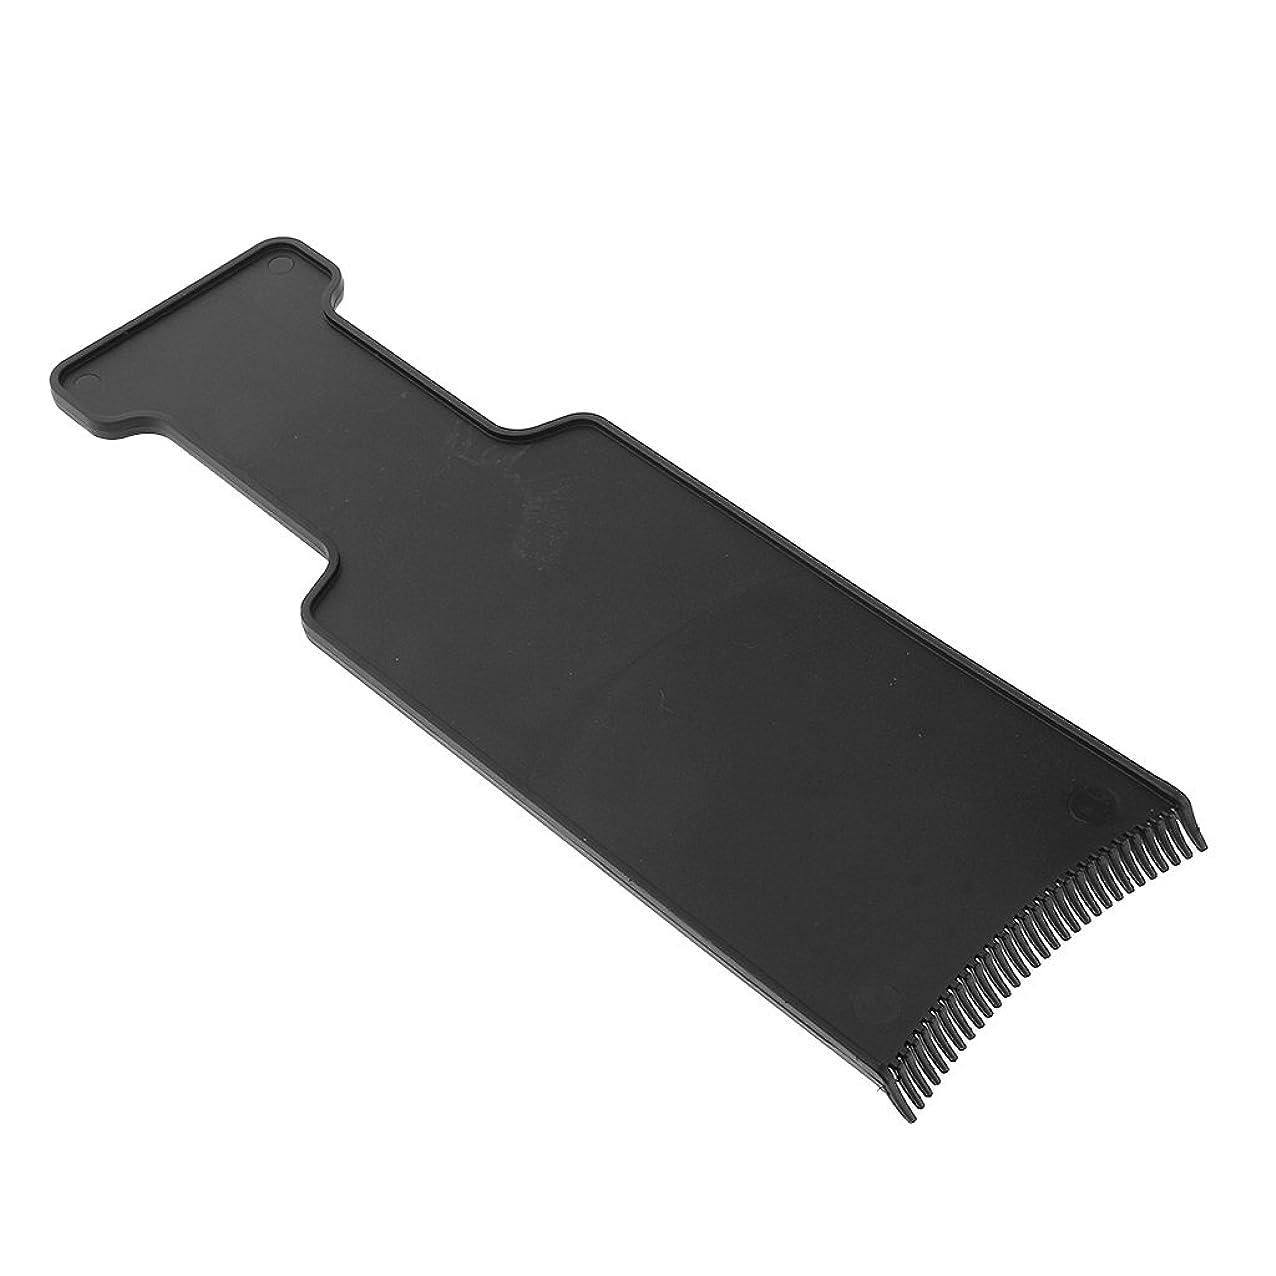 円形発生する暖炉Kesoto サロン ヘアカラー ボード ヘアカラーティント 美容 ヘア ツール 髪 保護 ブラック 全4サイズ - M